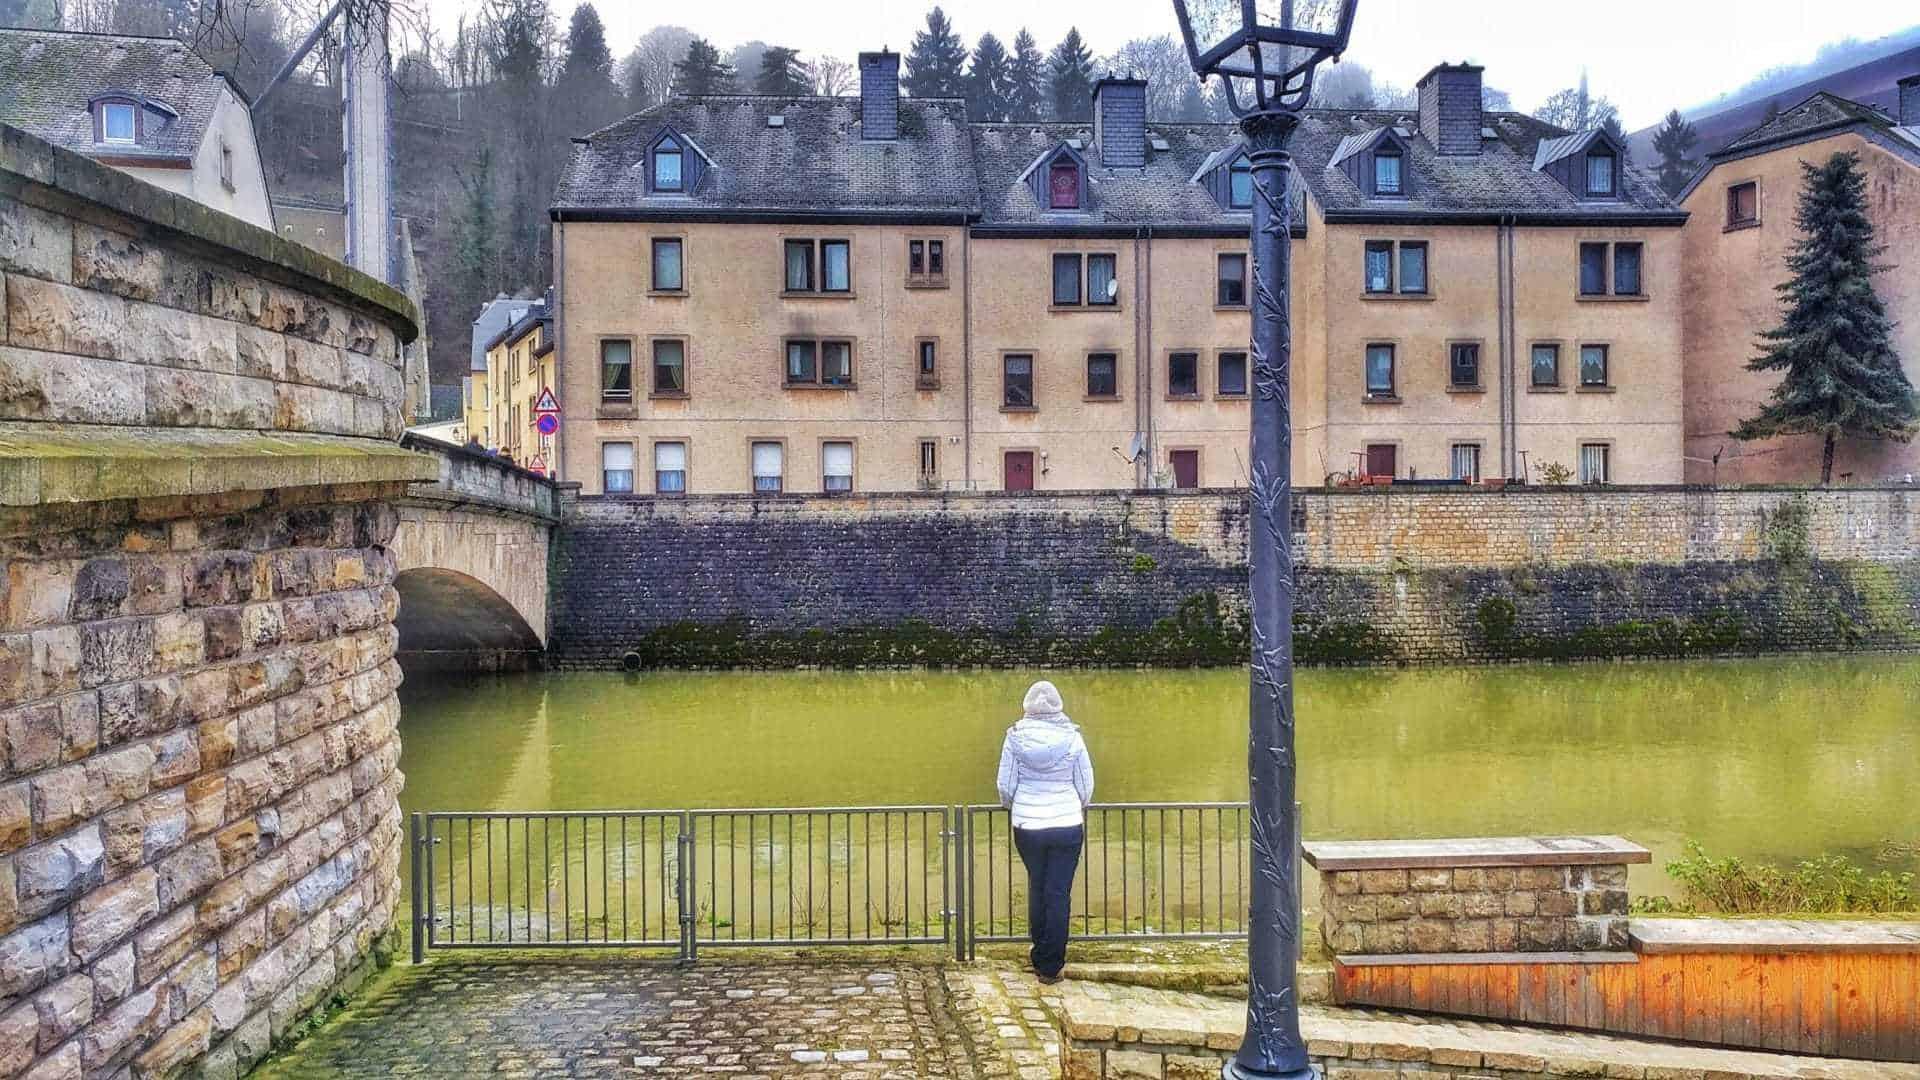 Cosa vedere a Lussemburgo in 2 giorni: itinerario e luoghi da visitare